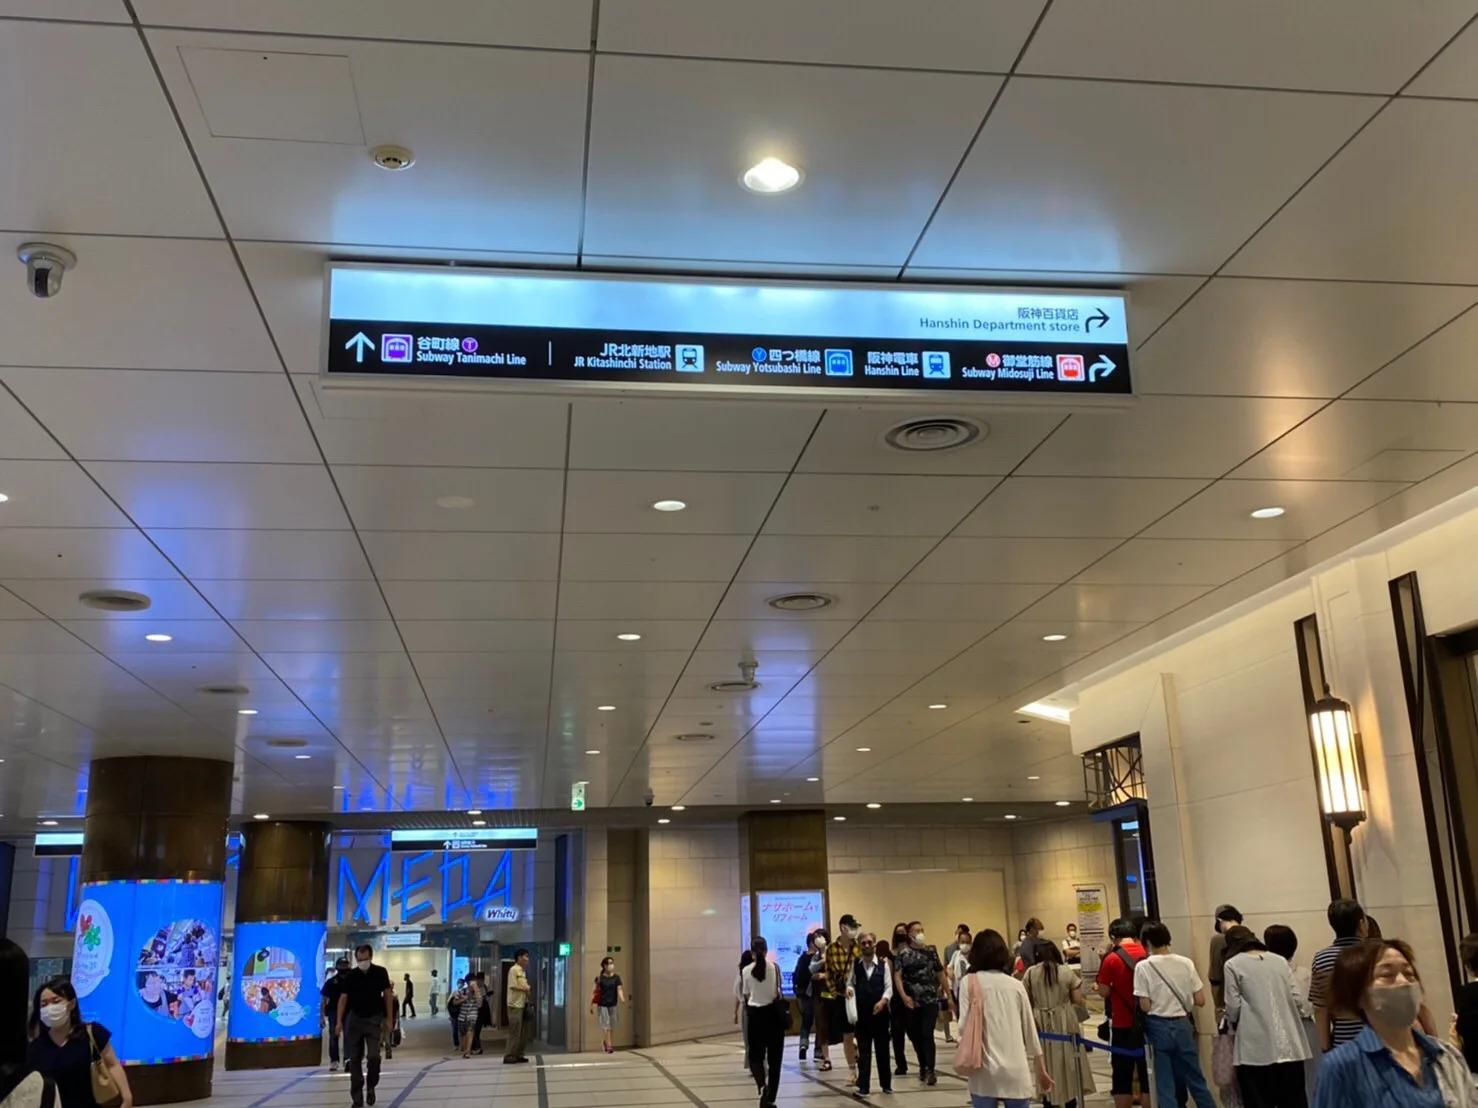 ⑤エレベーターを降り、少し直進した後に阪急百貨店の角を右に曲がります。